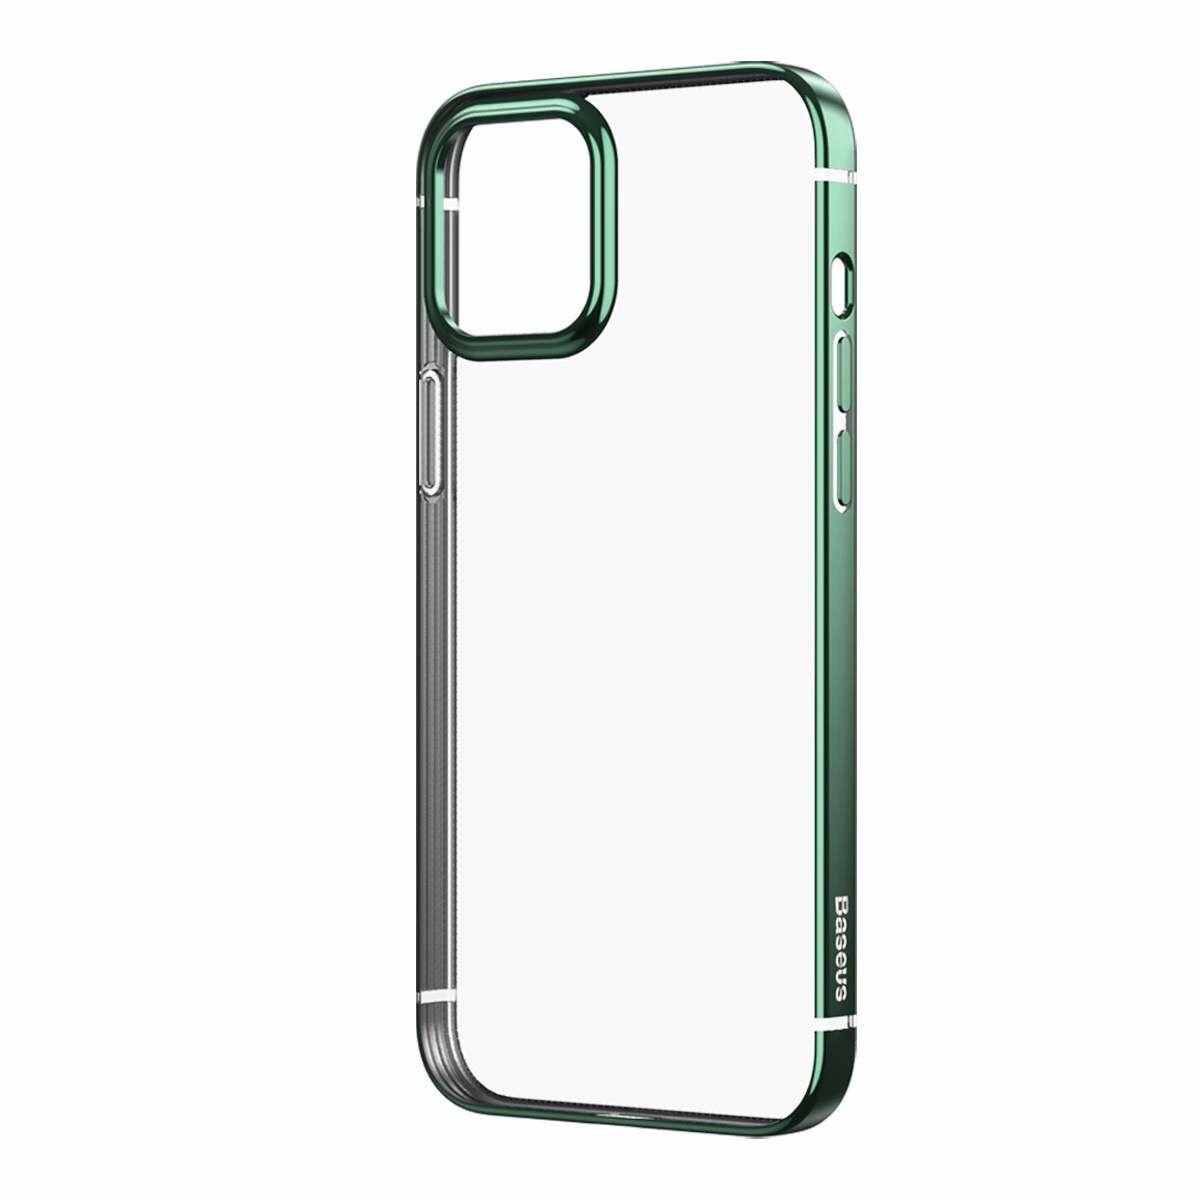 Baseus iPhone 12 Pro Max tok, Shining (esés védelemmel), zöld (ARAPIPH67N-MD06)